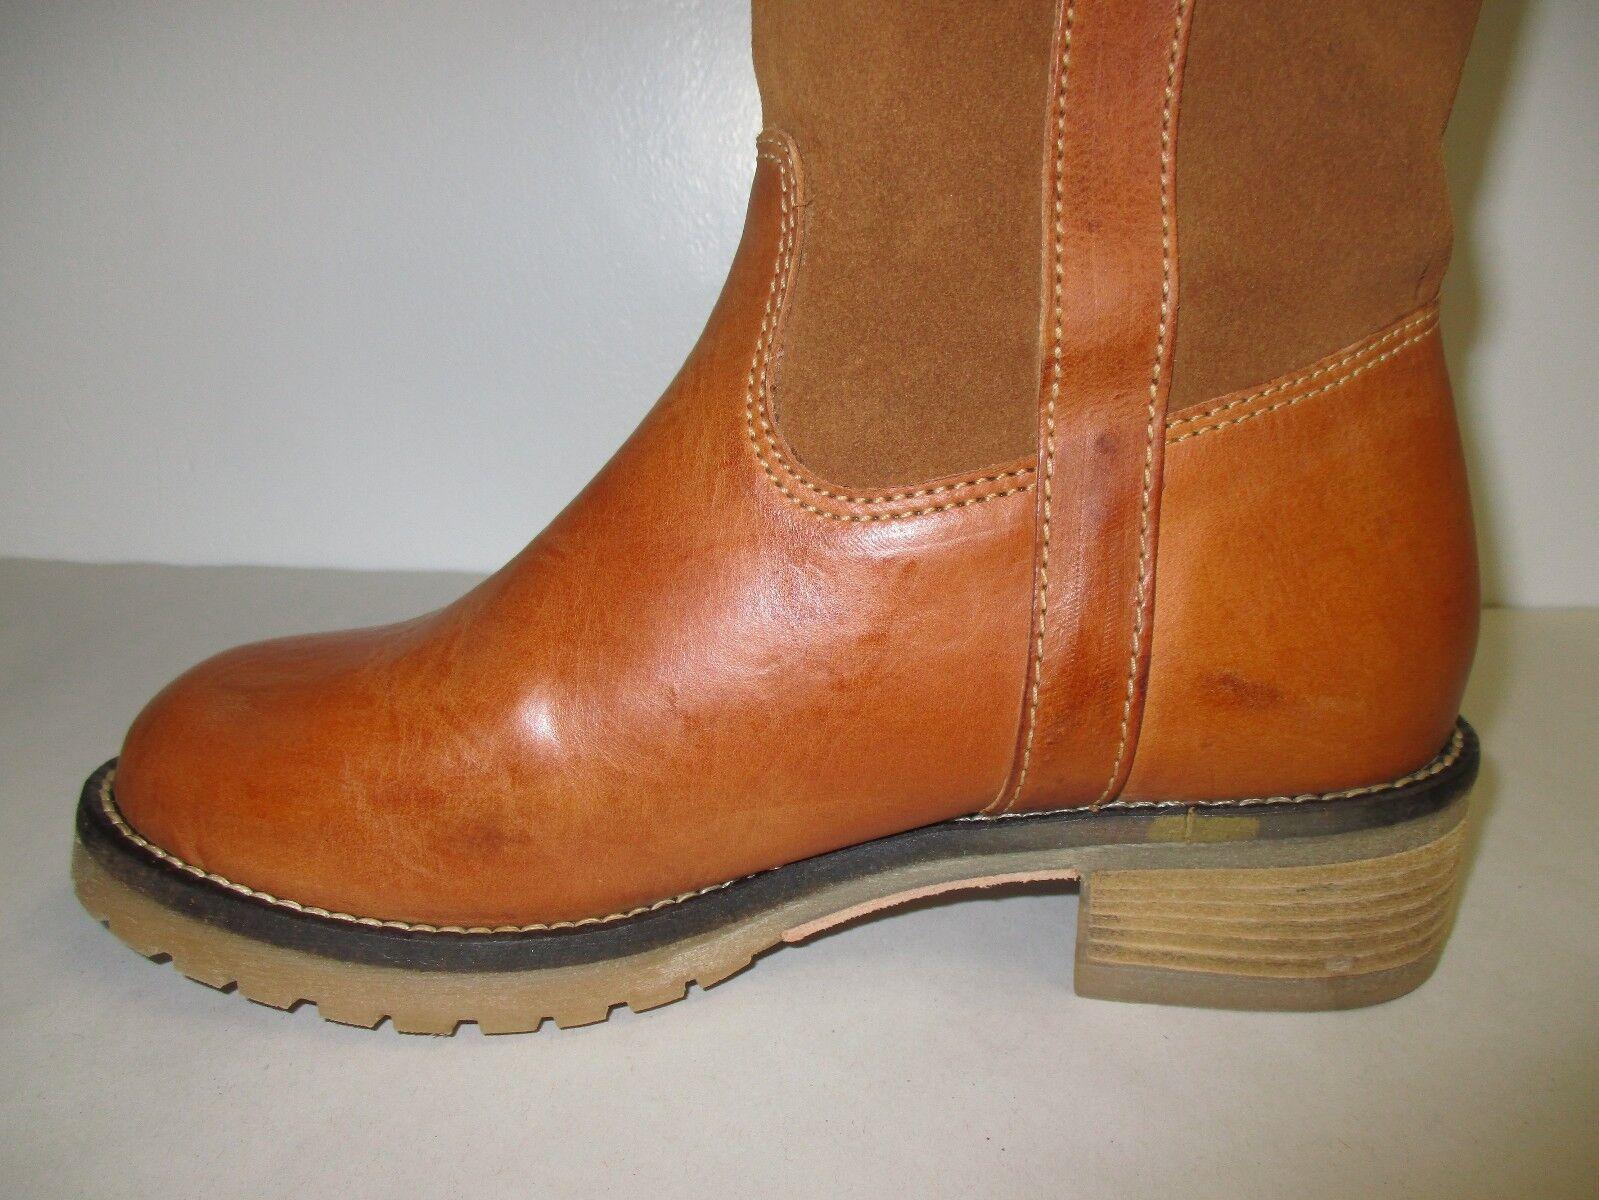 Sbicca Größe 7 JAVAN Tan Leder Suede Knee High Stiefel NEU Damenschuhe Schuhes